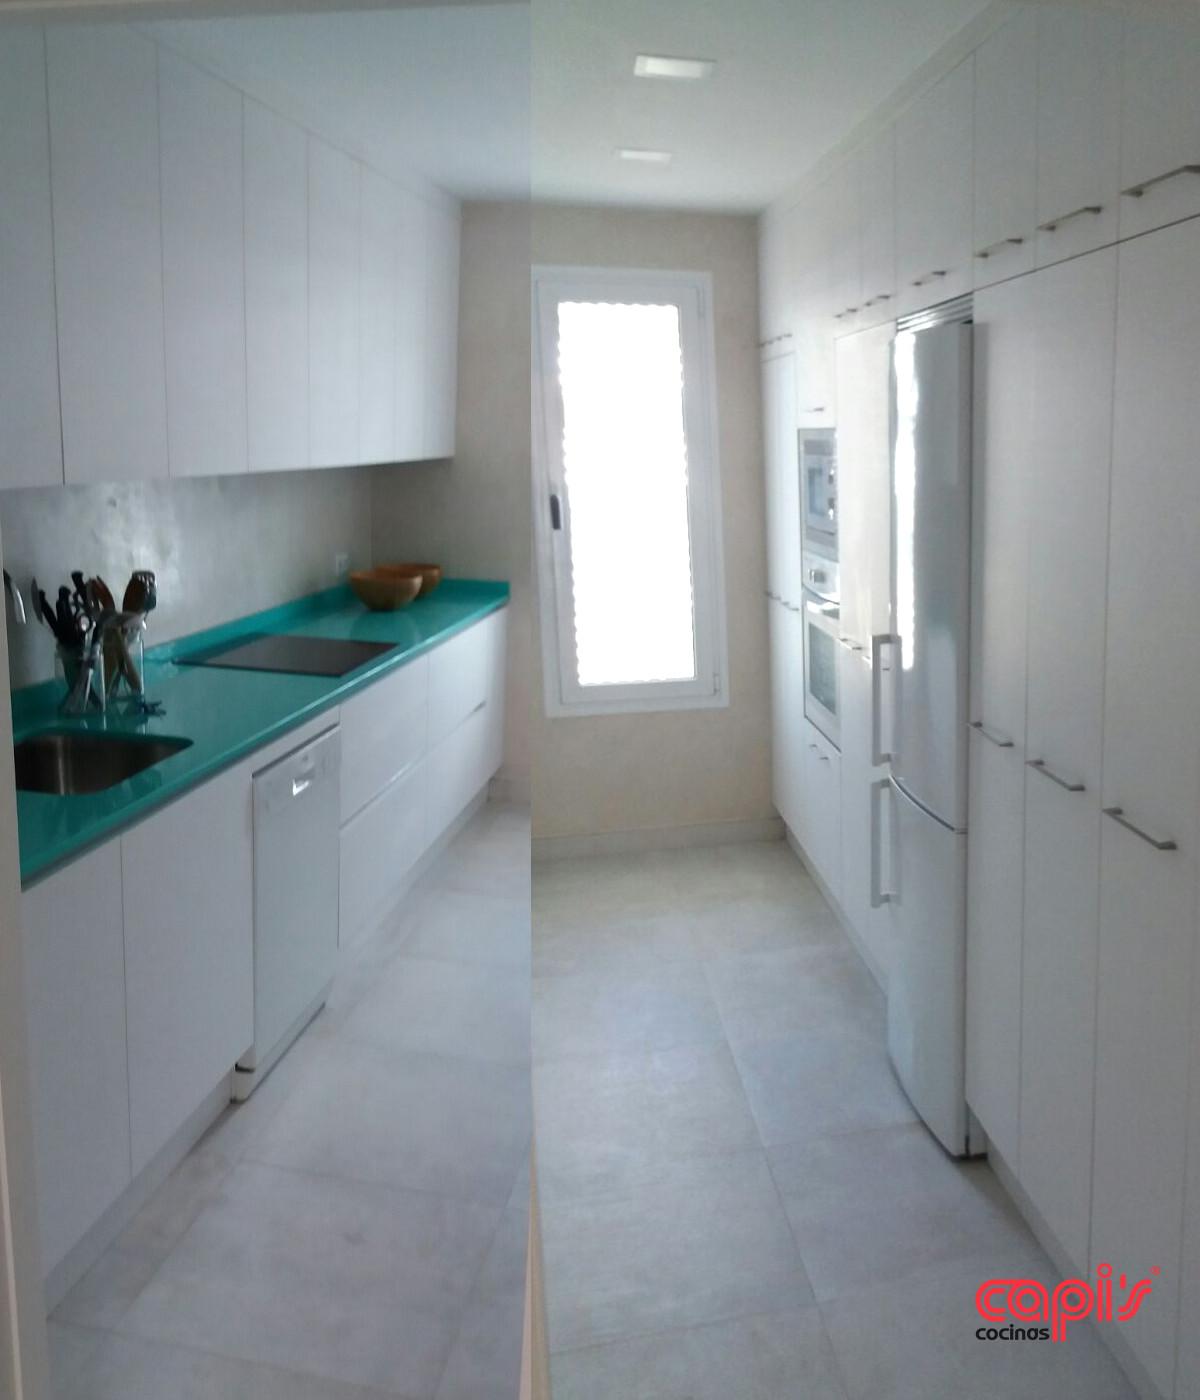 El mayor provecho de una cocina peque a cocinas capis for Configurador de cocinas